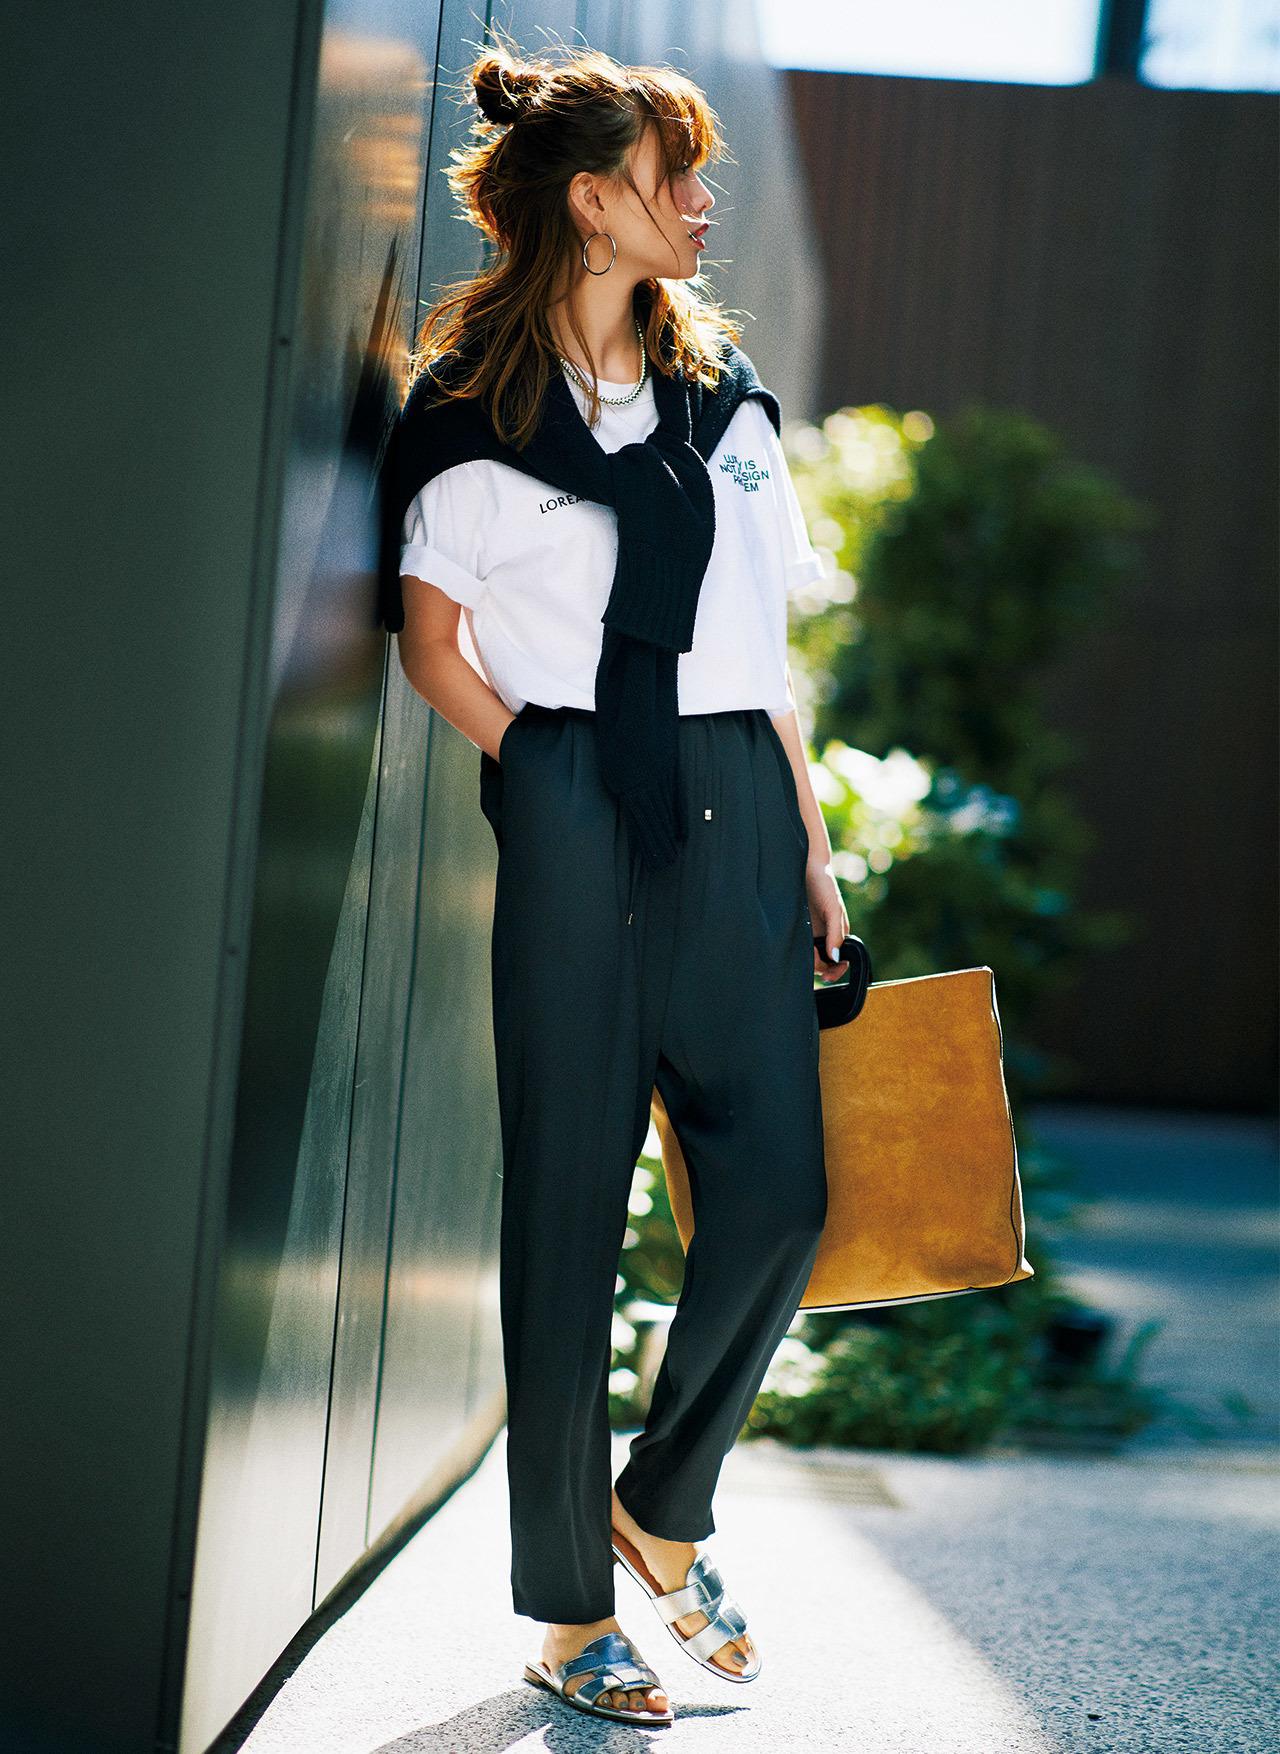 白Tシャツ×黒パンツのカジュアルファッションコーデ